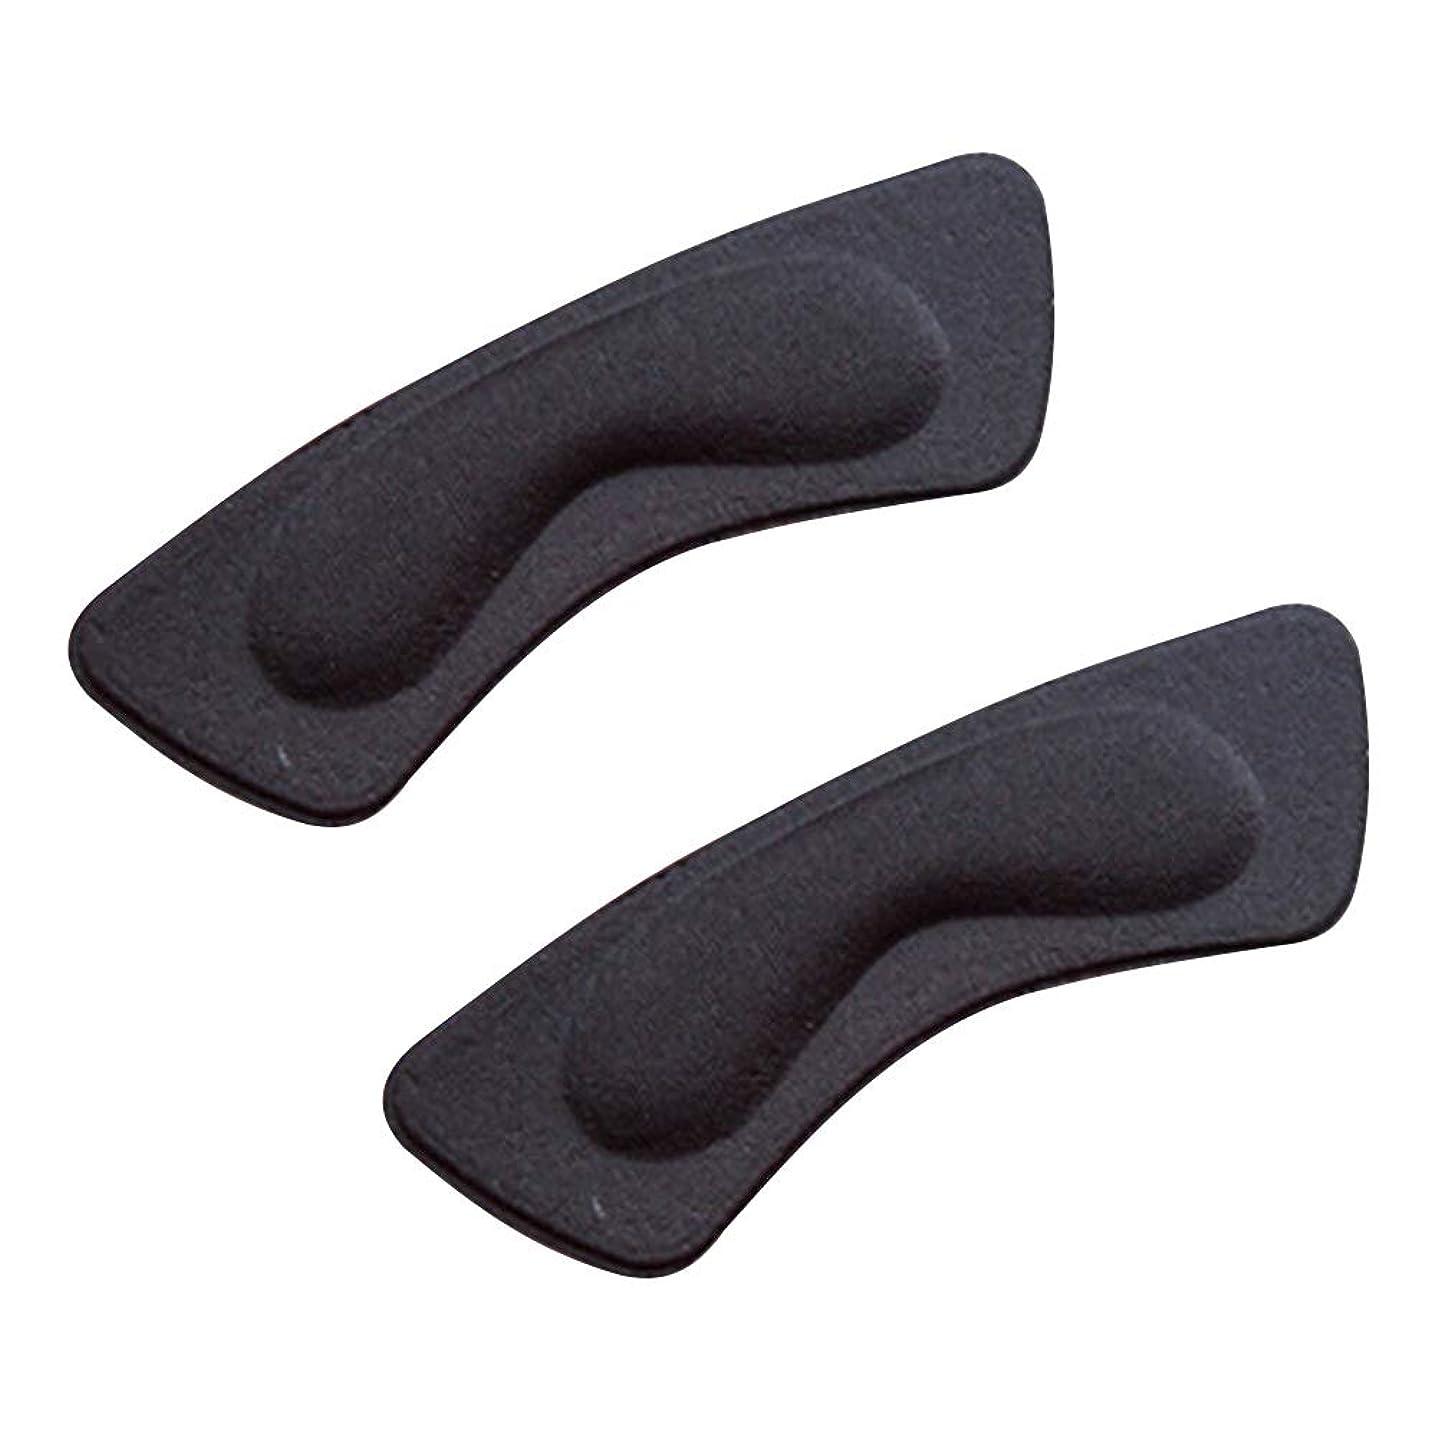 テントペナルティ呼吸kiirou 靴擦れ防止パッド パカパカ防止 かかと テープ 2足 かと パッド クッション インソール 滑り止め かかとパッド 男女兼用 ハイヒール 革靴 スニーカー サイズ調整 (2層黒)